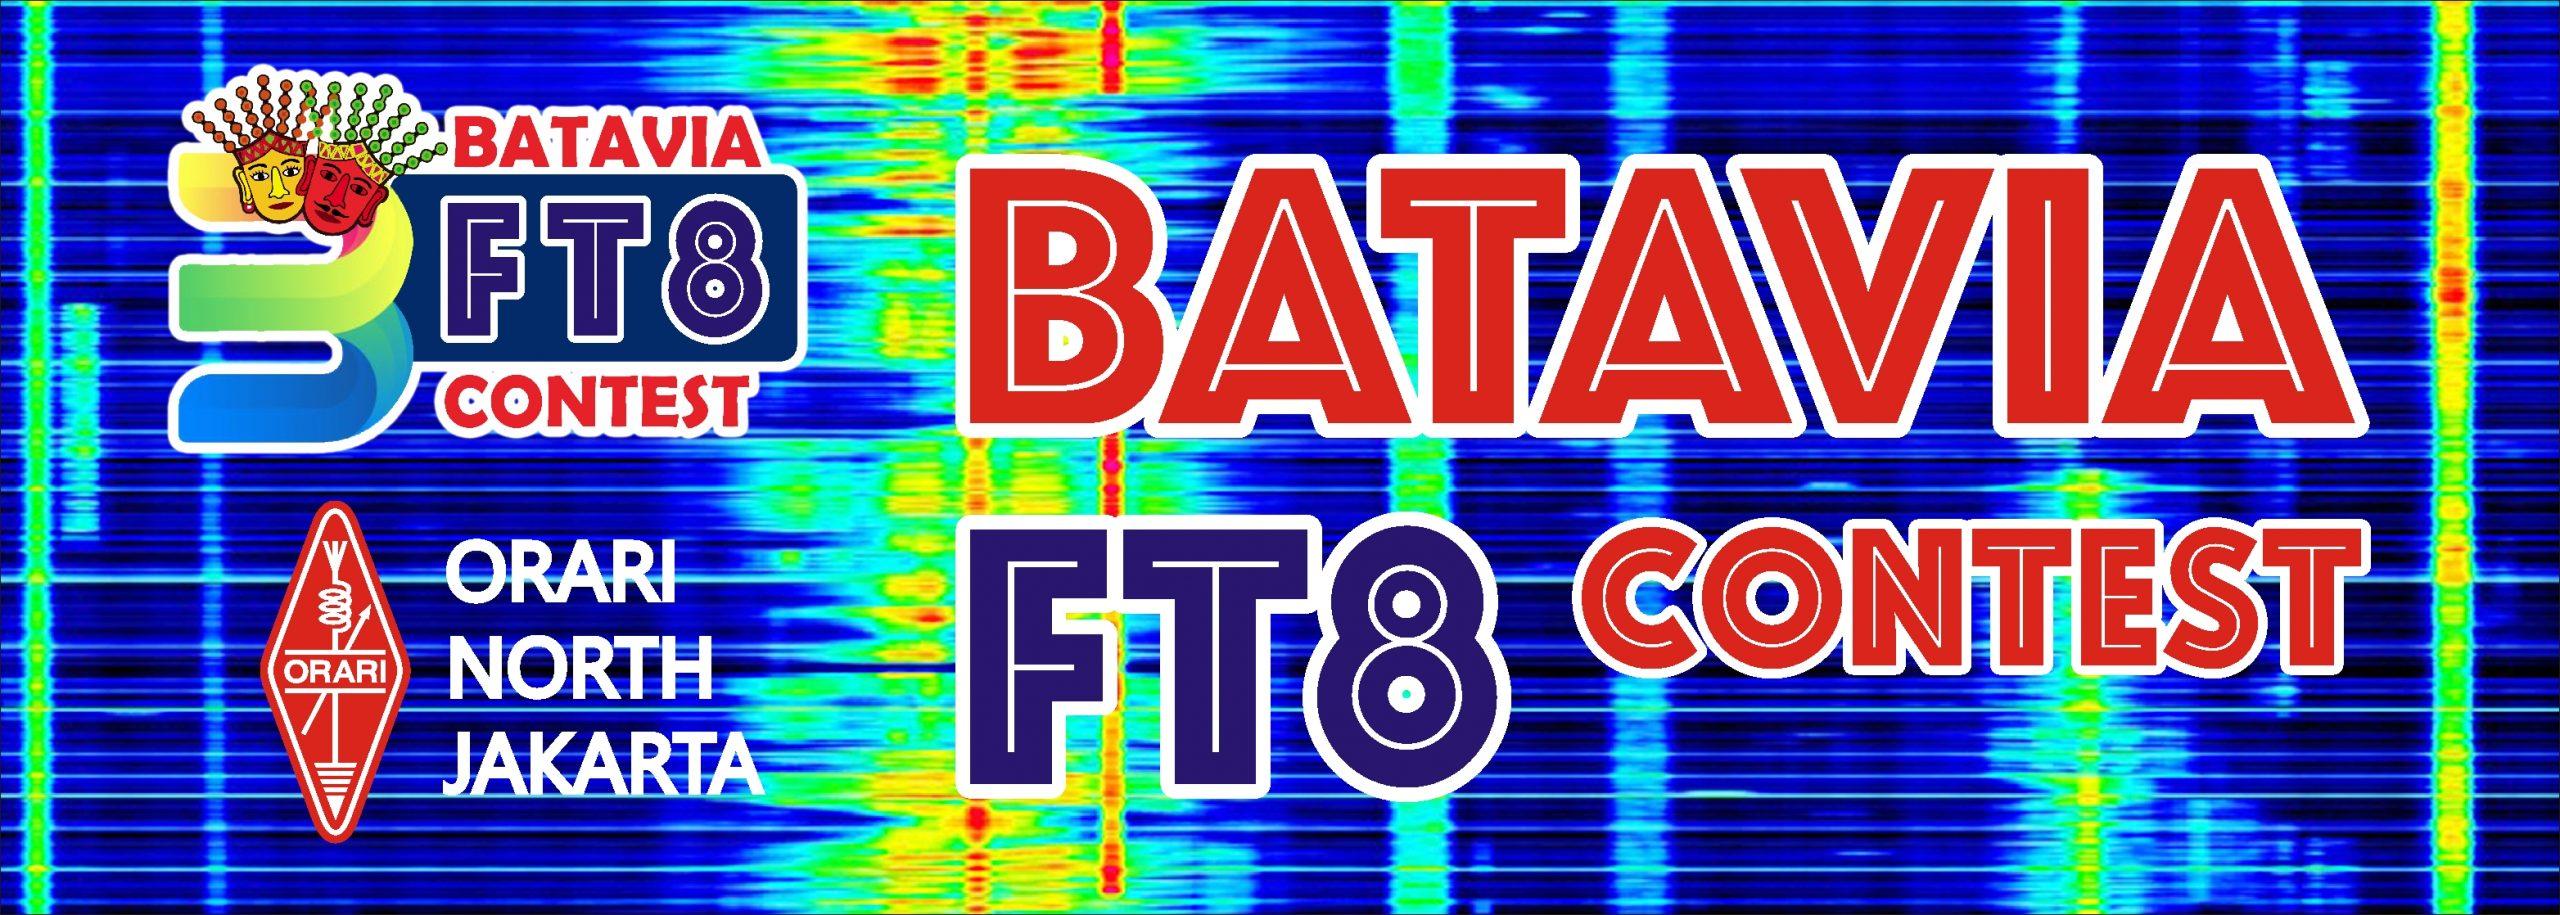 Batavia FT8 Contest 2020